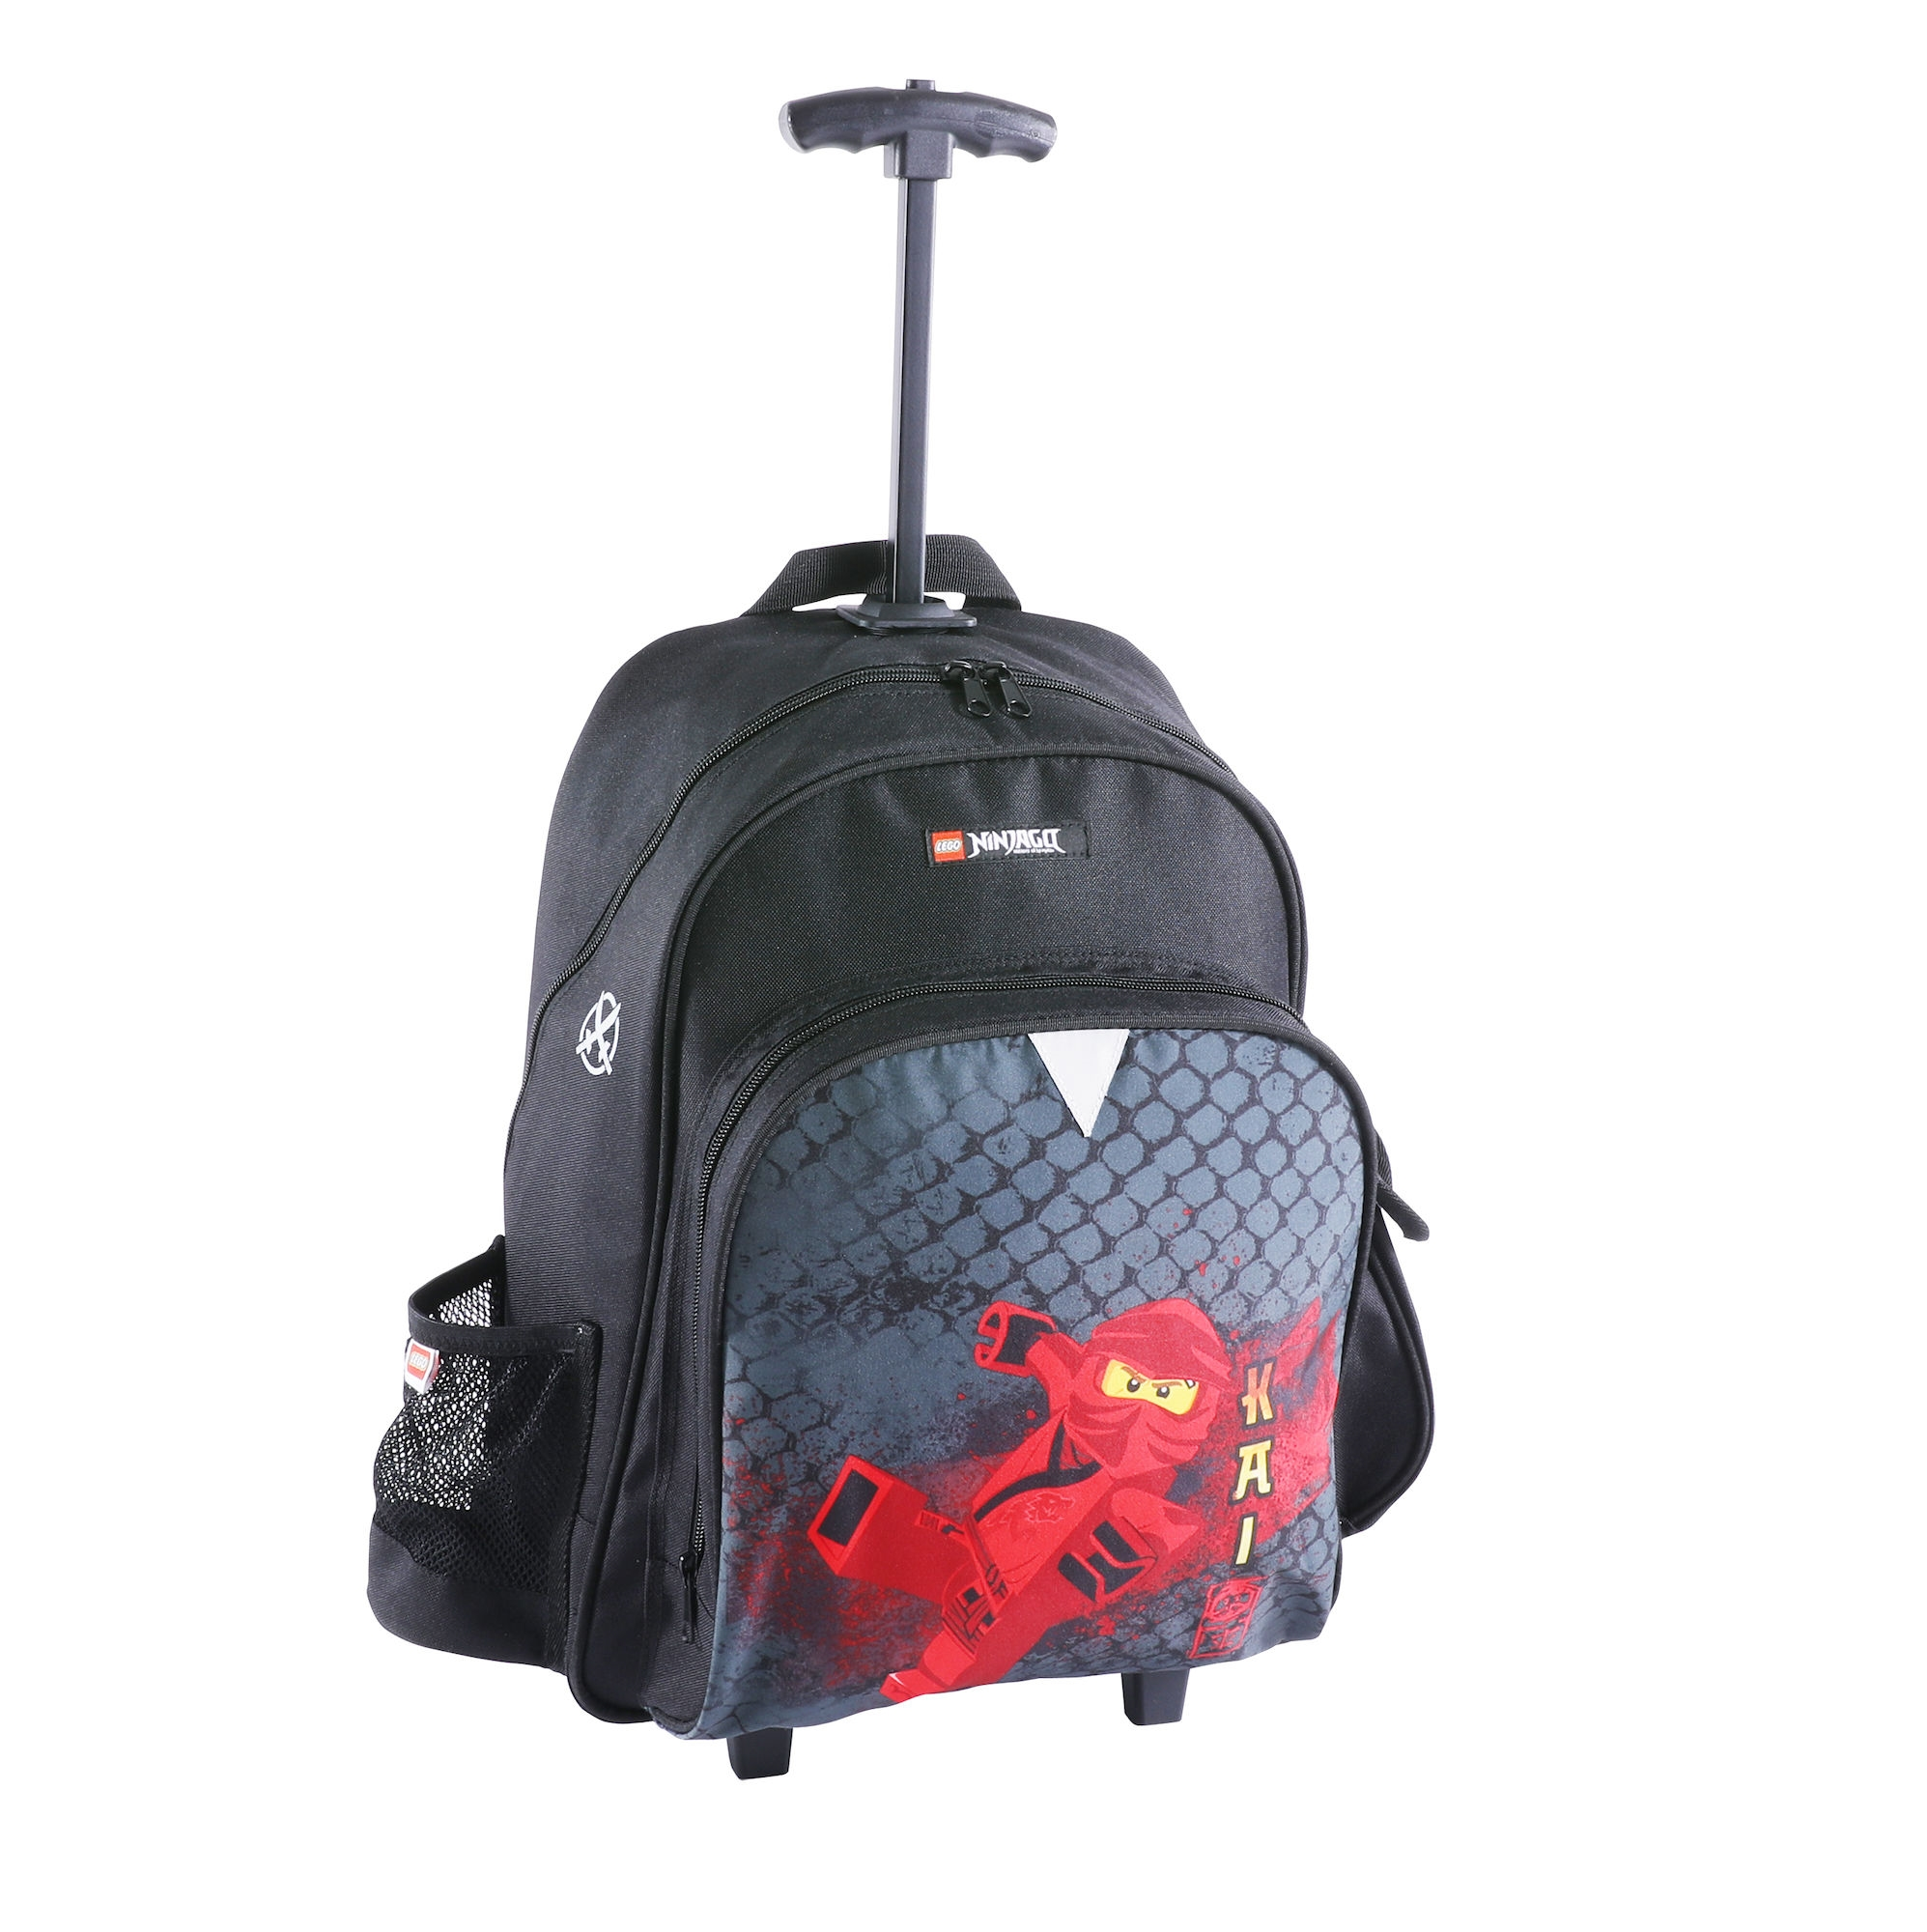 LEGO - Backpack Trolley - Ninjago - Dragon Master (10045-2008)